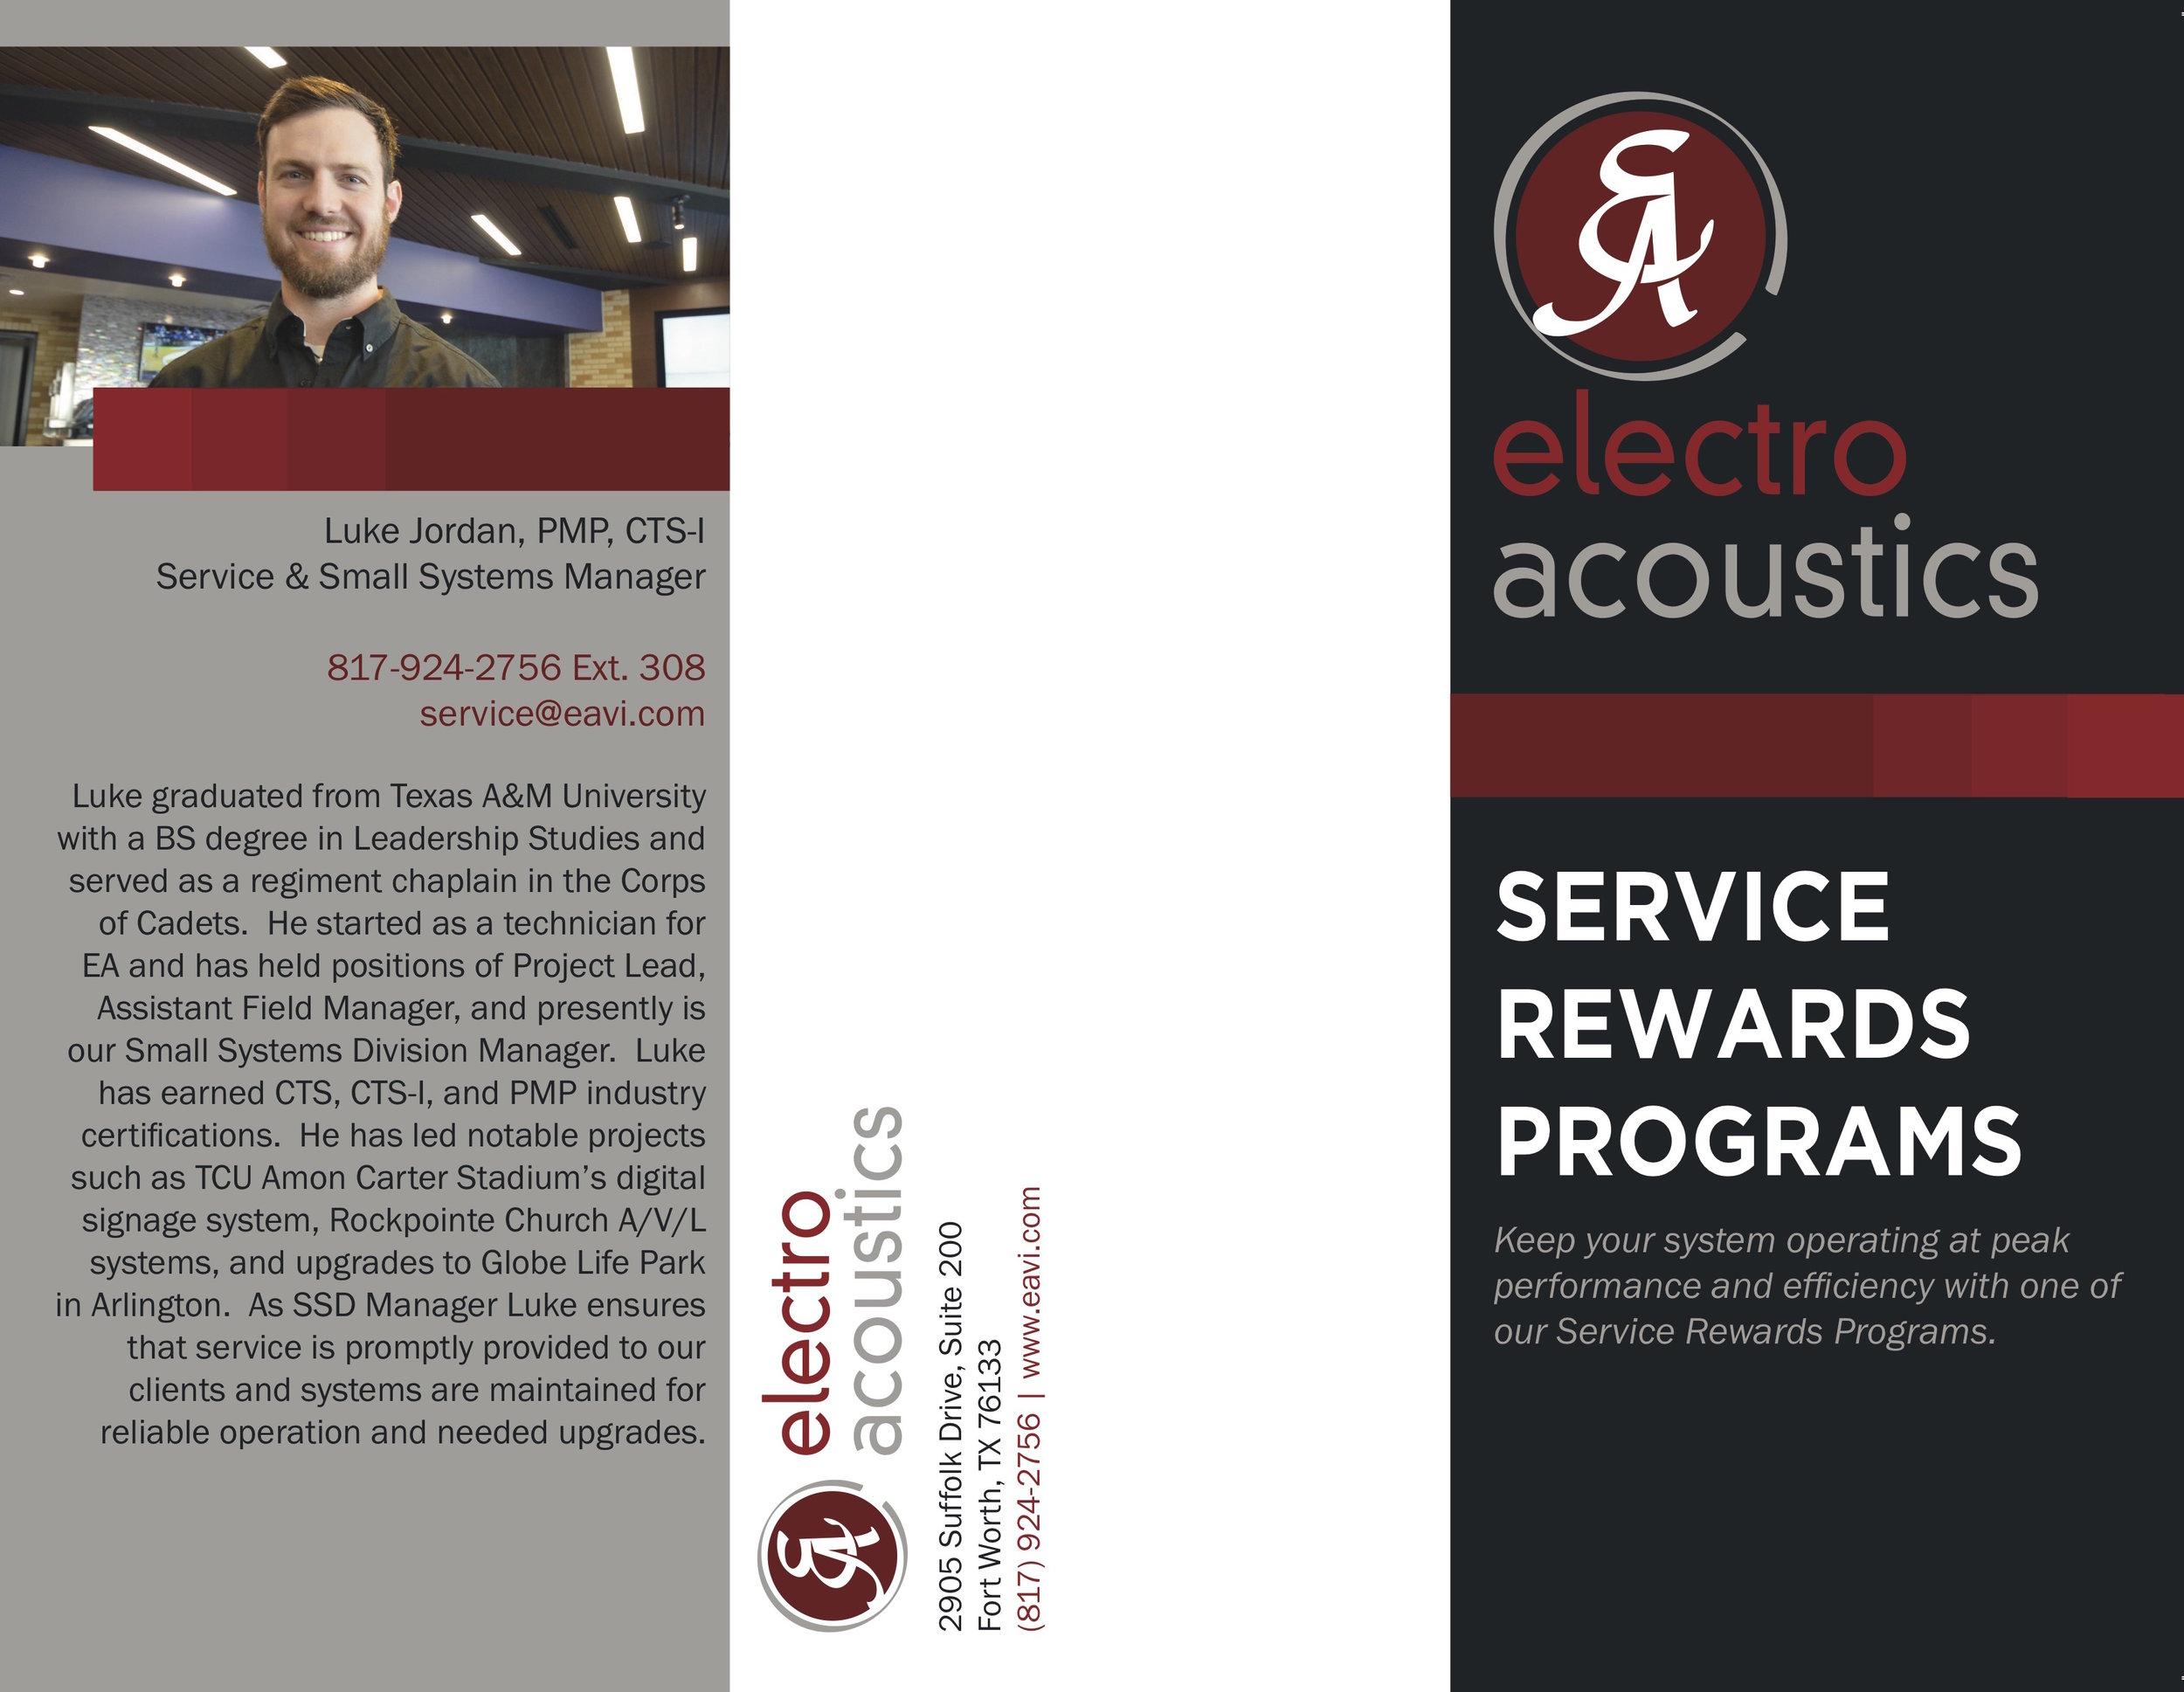 Luke Brochure front.jpg